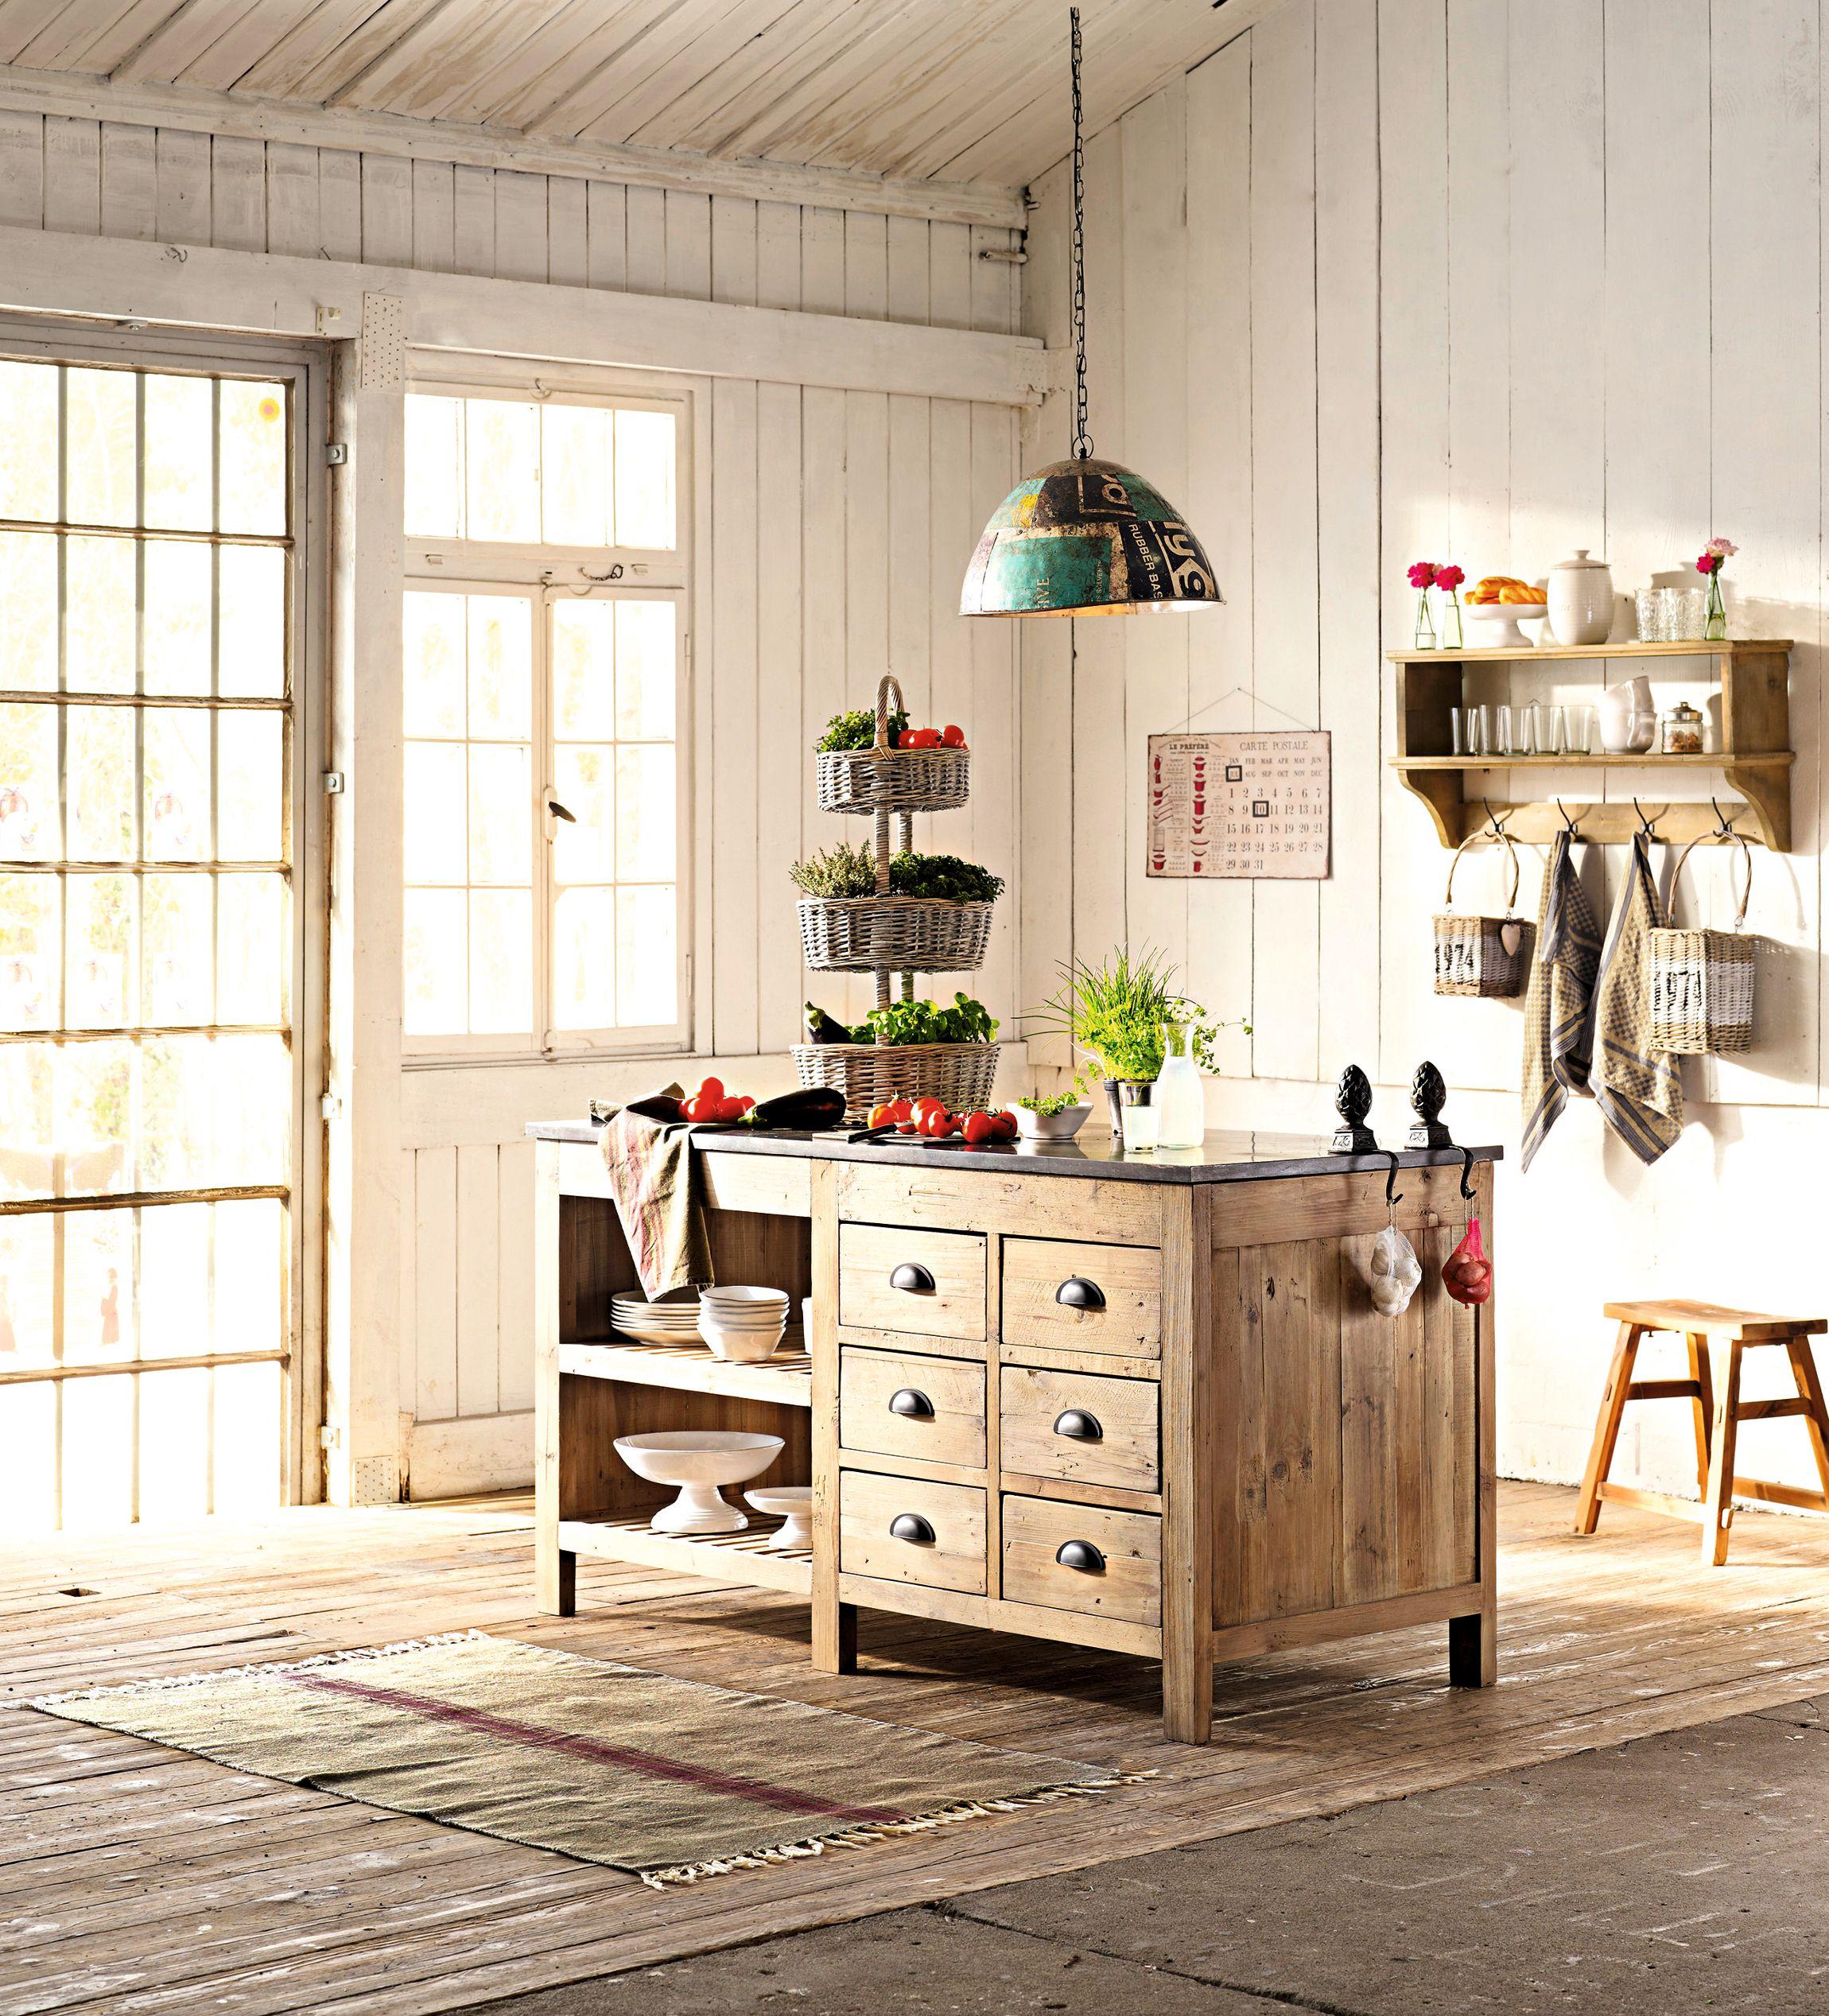 Schrank Crawley, Etagere Willow und Windlicht Benjamin #Küche ...